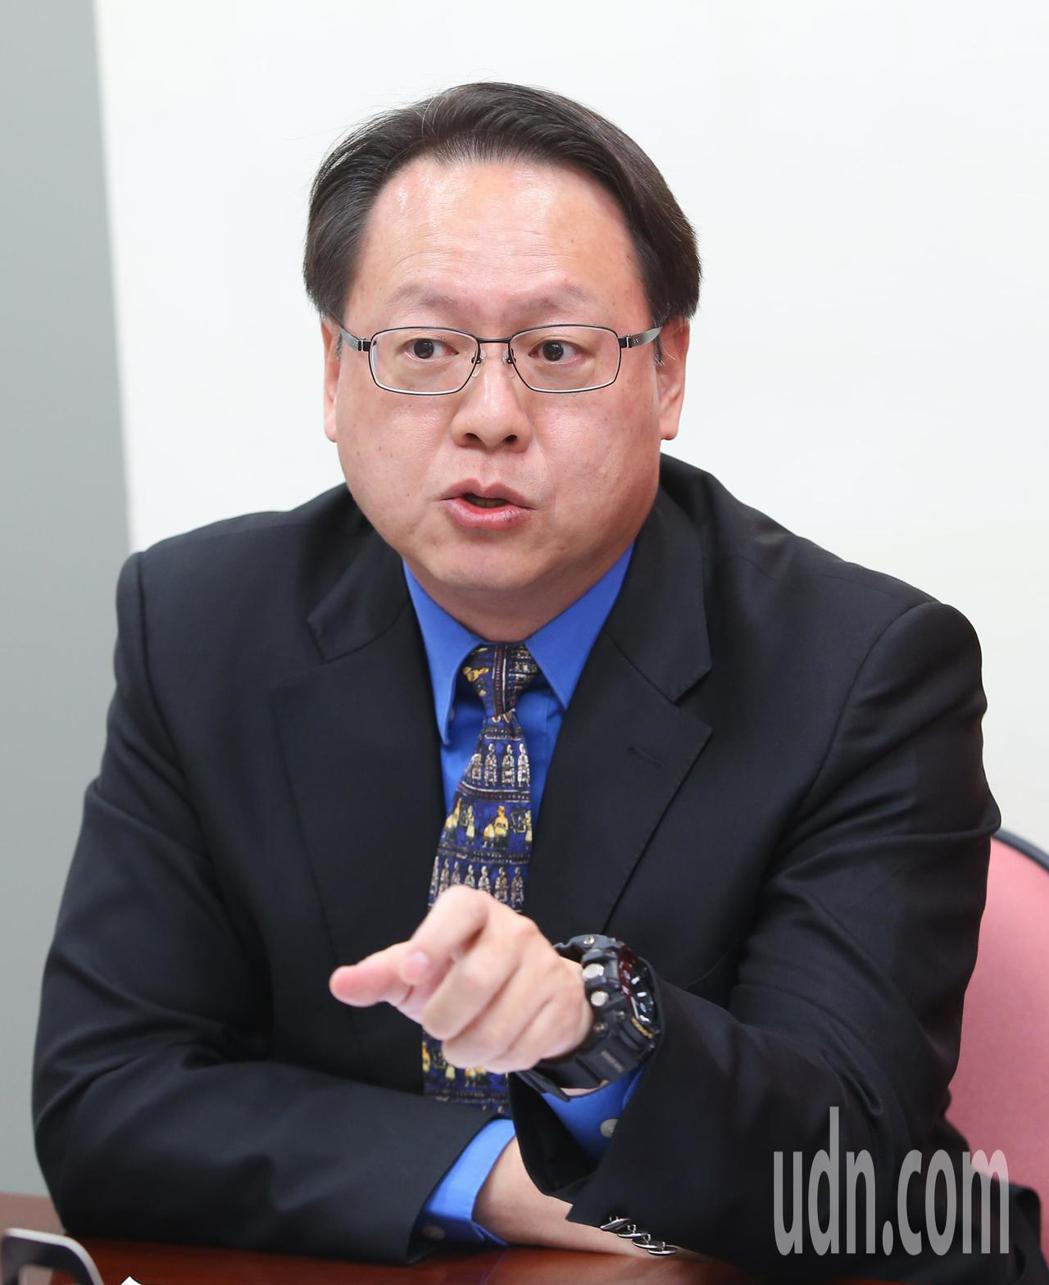 保險安定基金董事長林國彬與談。記者陳柏亨/攝影